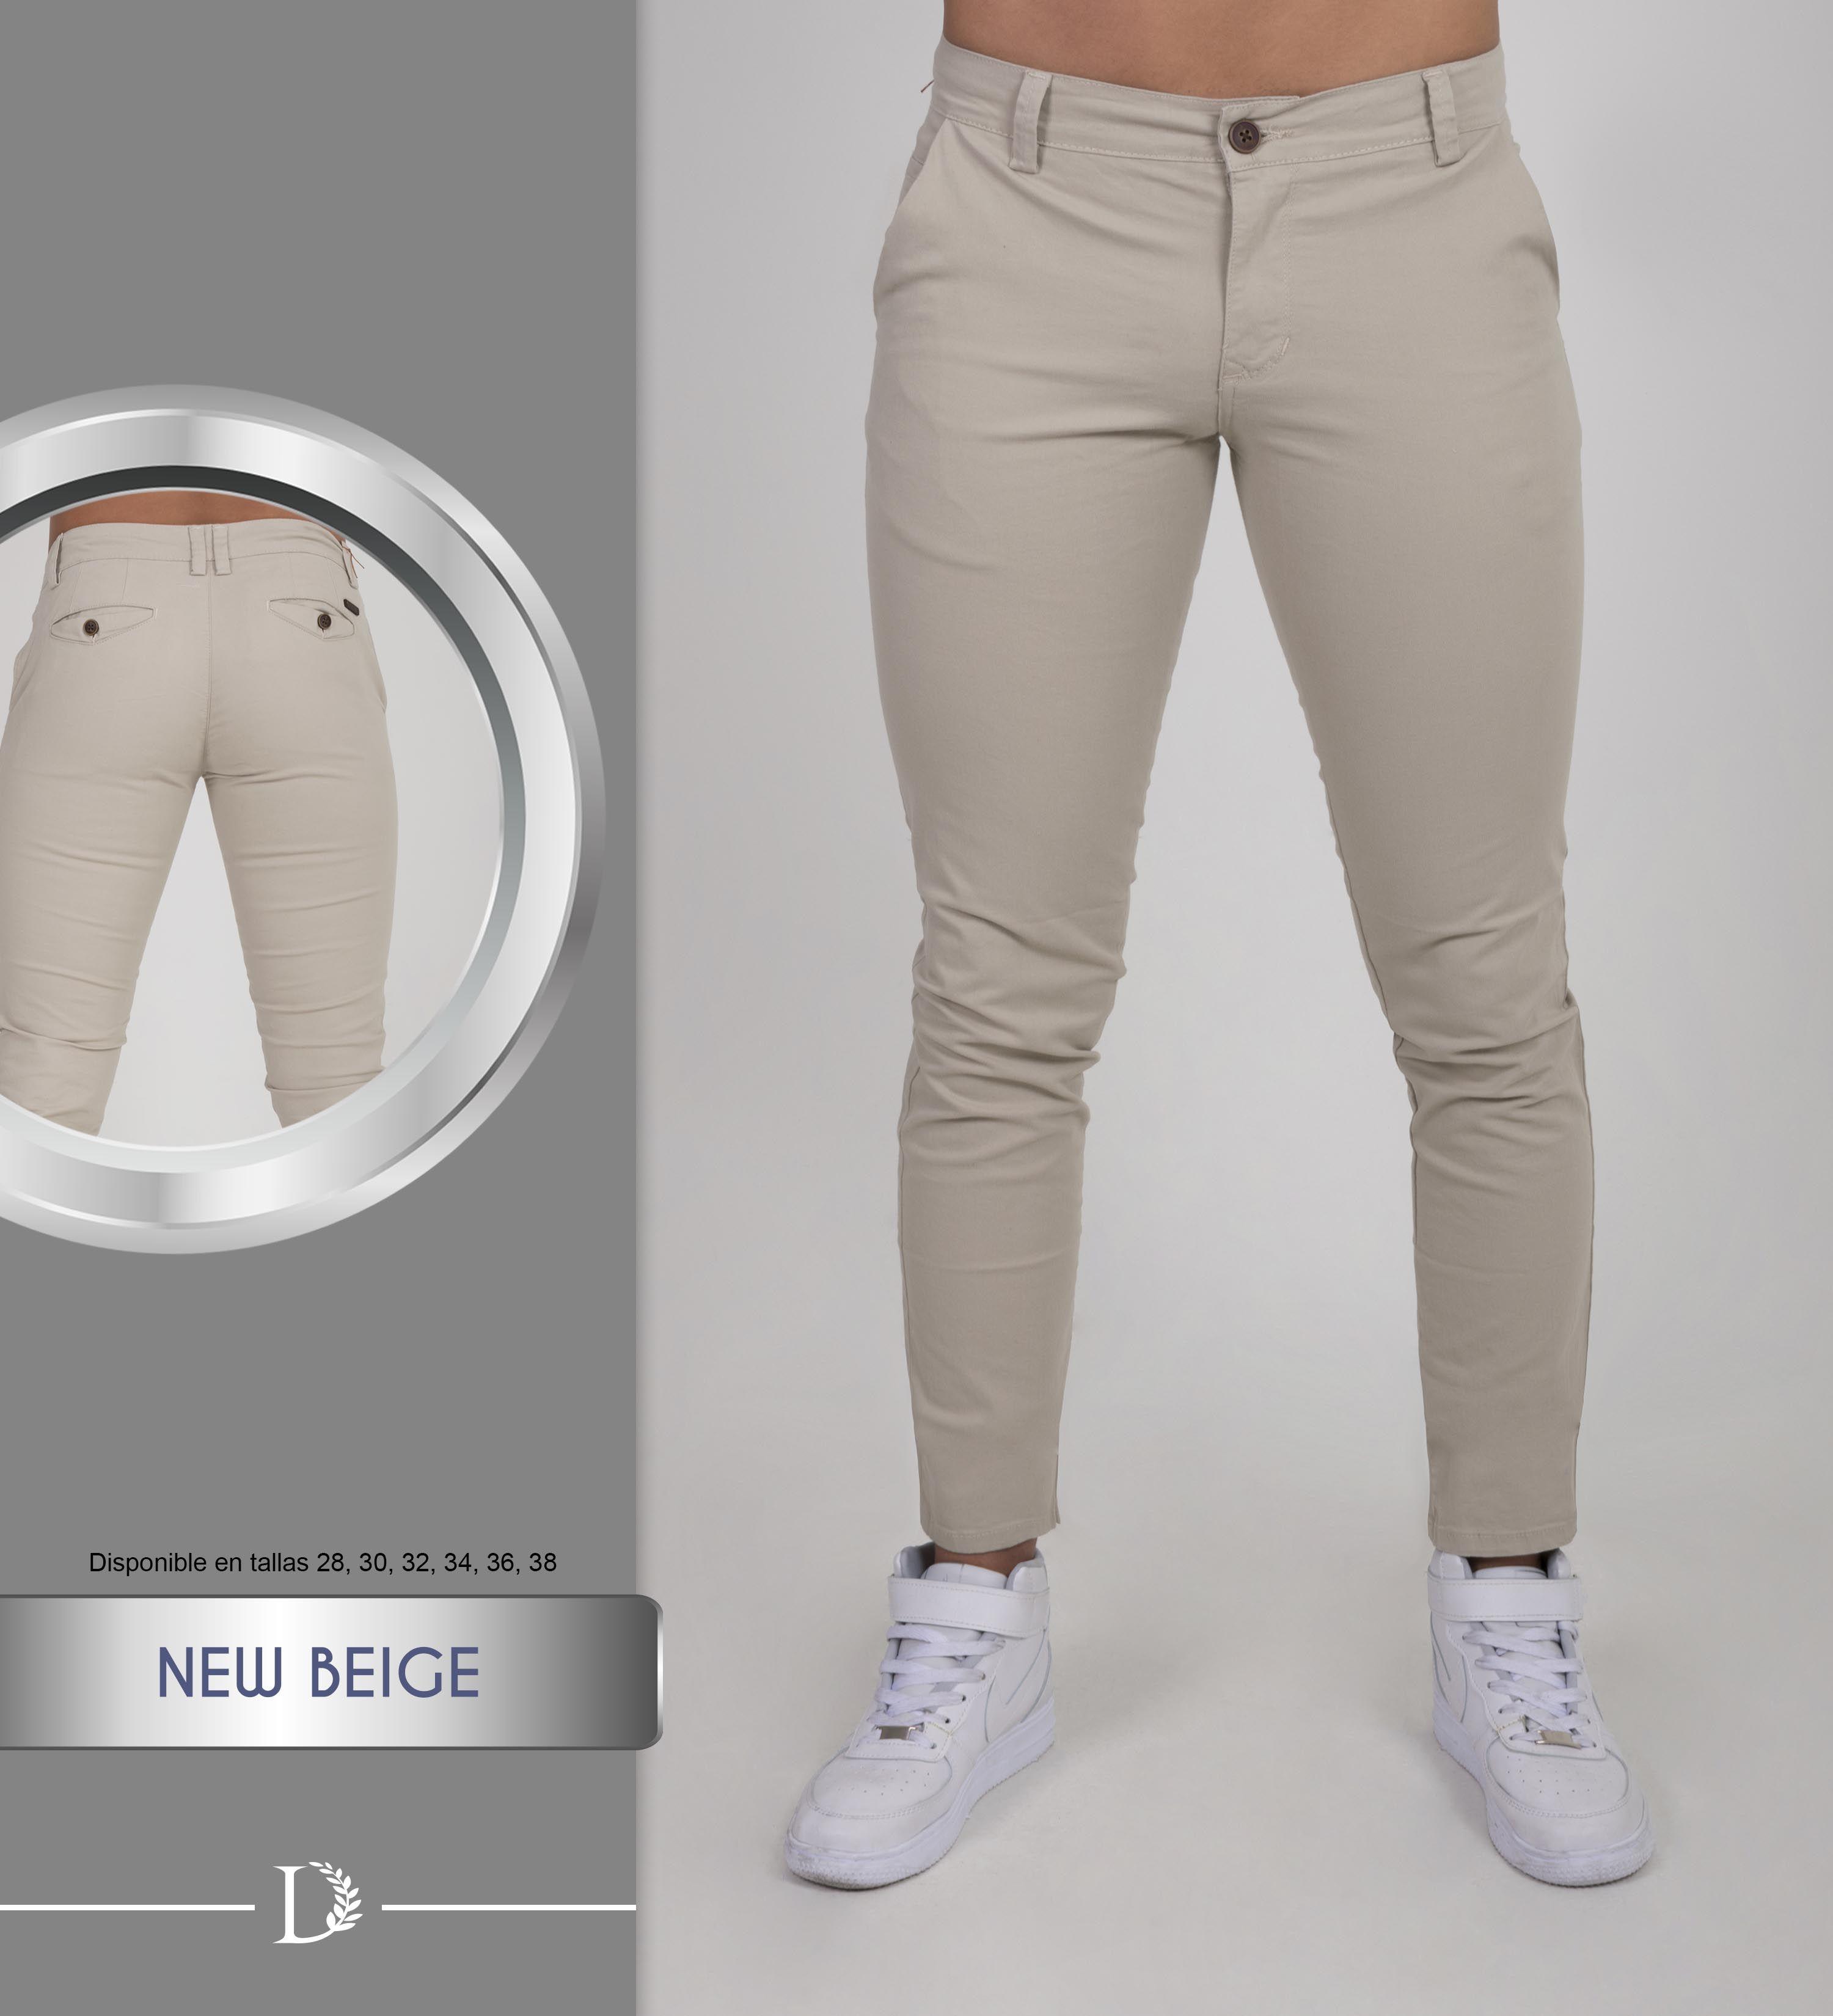 Nuestro Drills Color Beige Llevan Tu Elegancia Al Proximo Nivel Jeans Para Hombre Estilo De Ropa Hombre Vaqueros Hombre